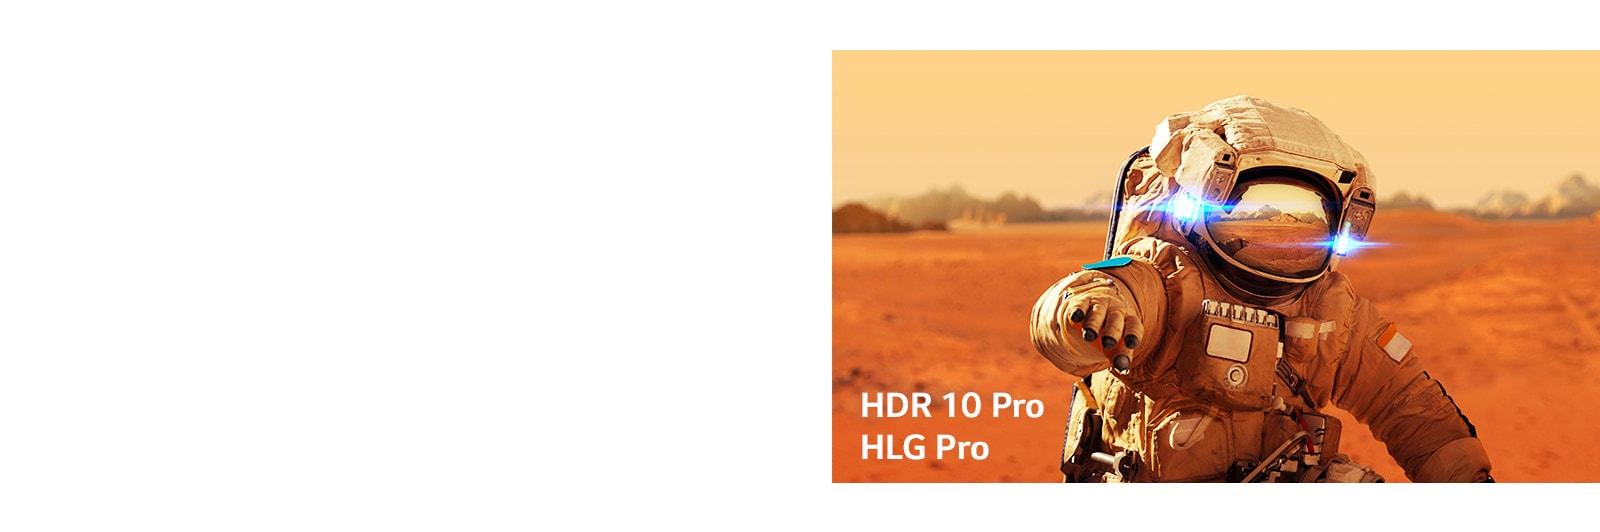 «Железный человек» от Marvel, небольшие таблички с логотипами HLG pro и HDR 10 Pro